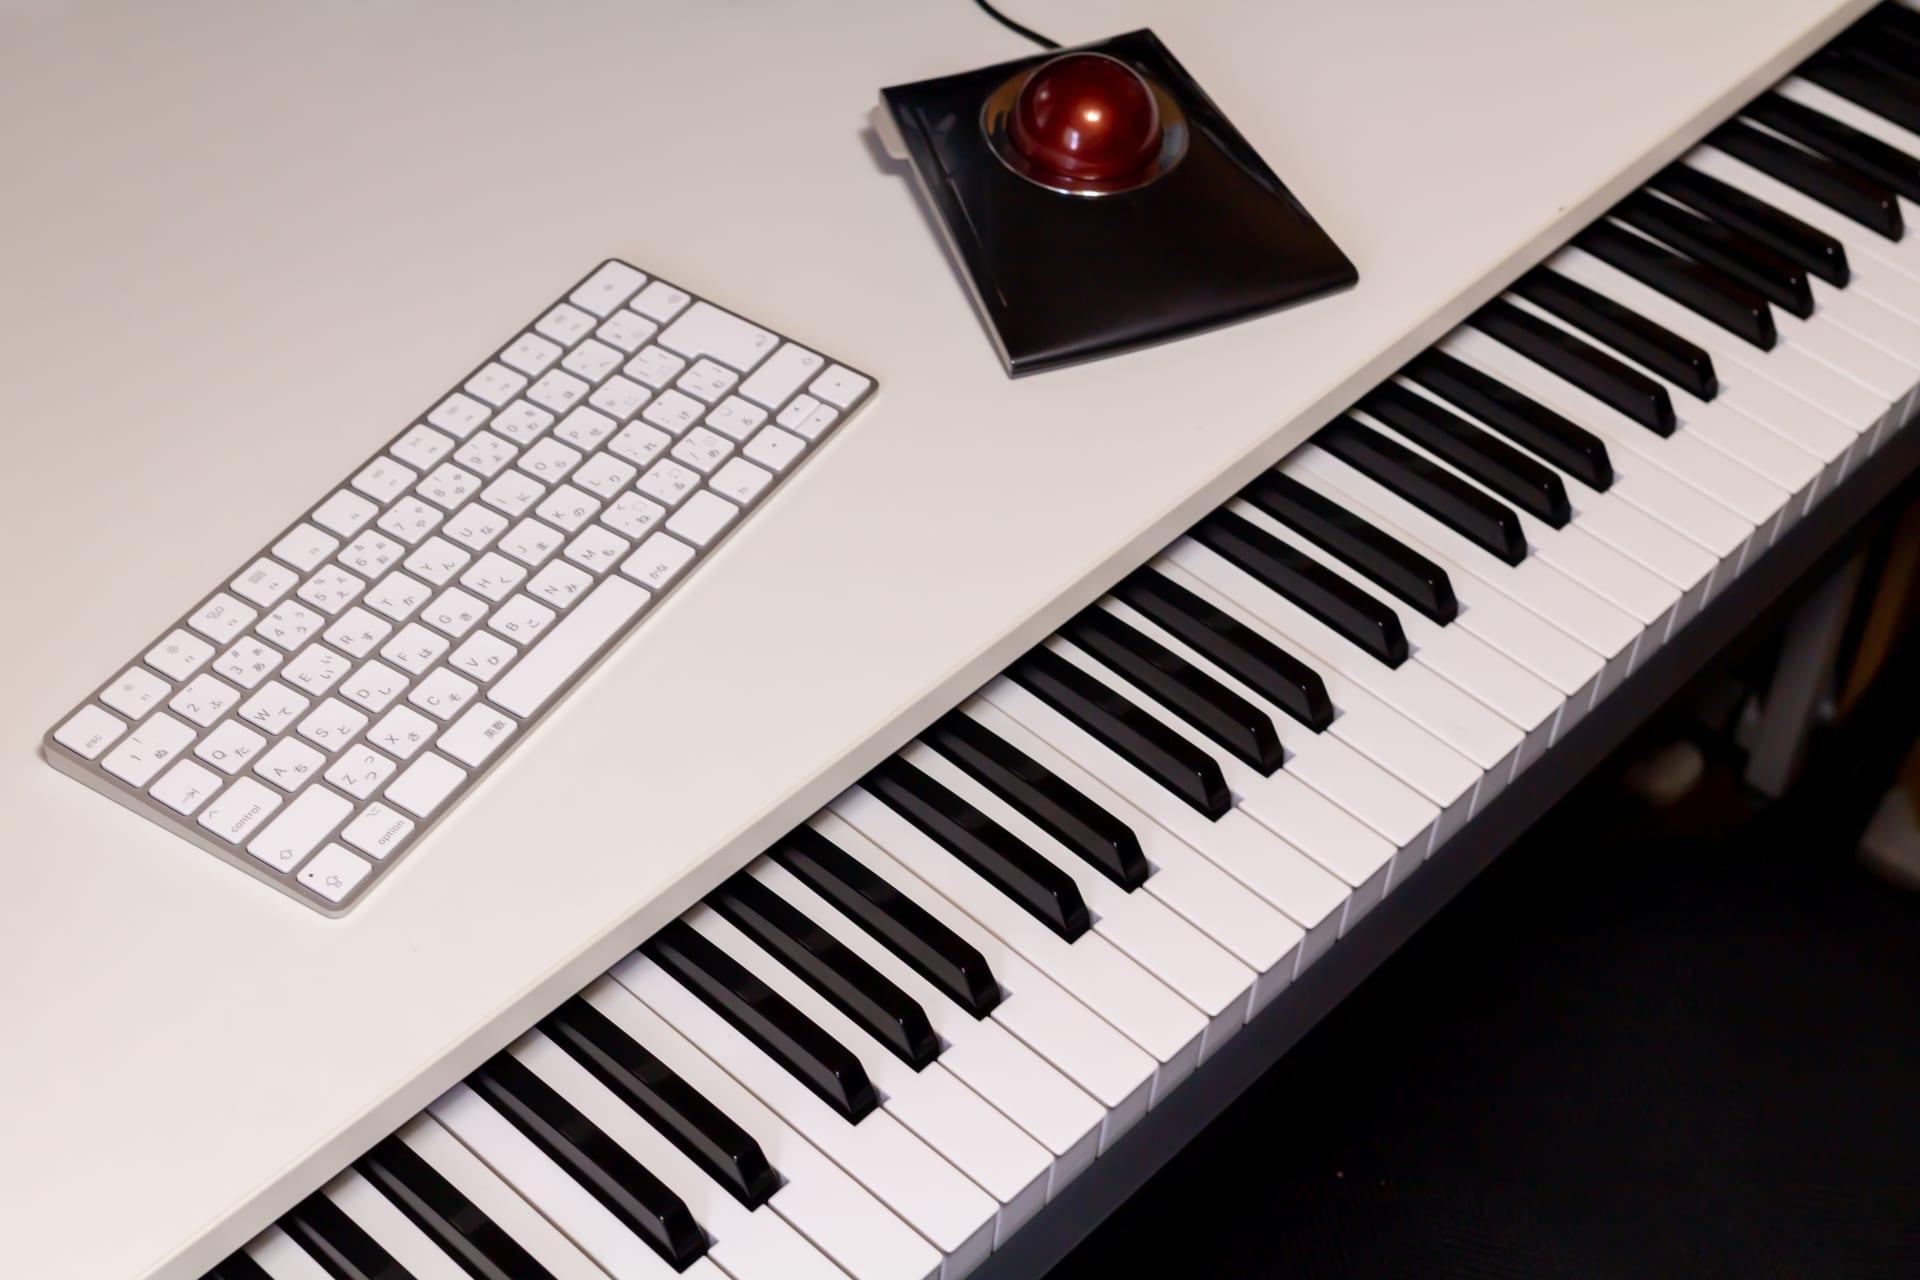 鍵盤とキーボード